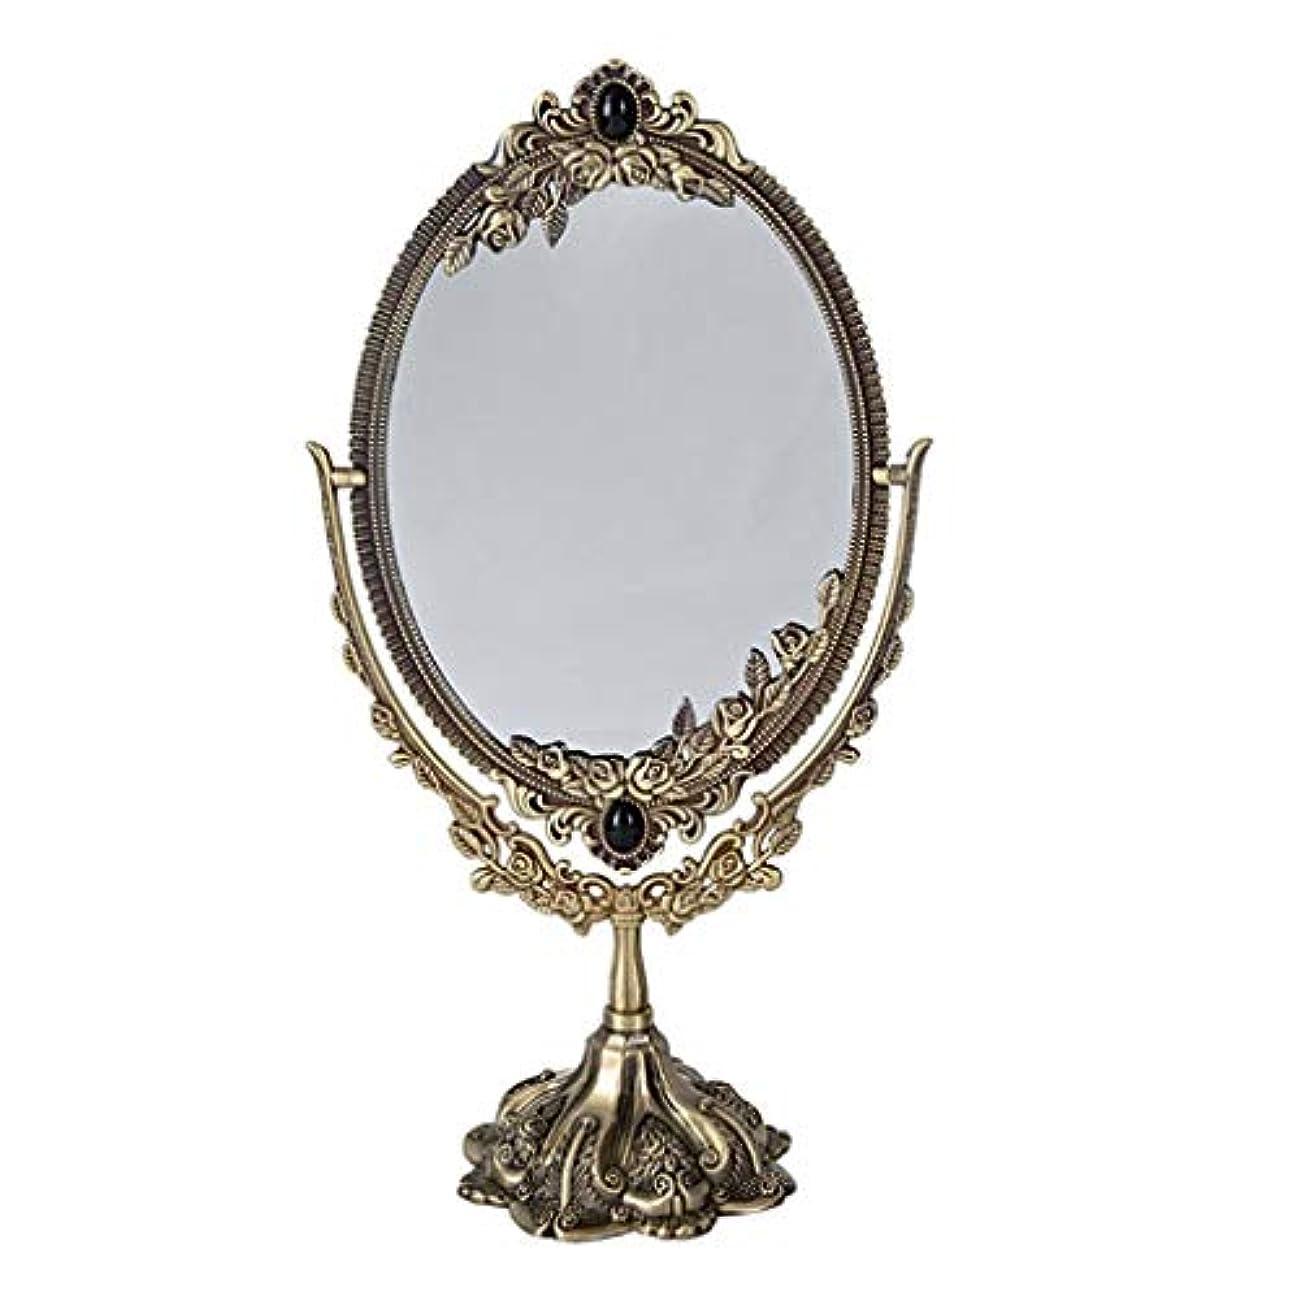 プリーツ麺ベテランSelm 化粧鏡オーバル、hdシルバーミラー化粧鏡360度回転バニティミラー寝室用オーバルヴィンテージスタイル (Color : Bronze)